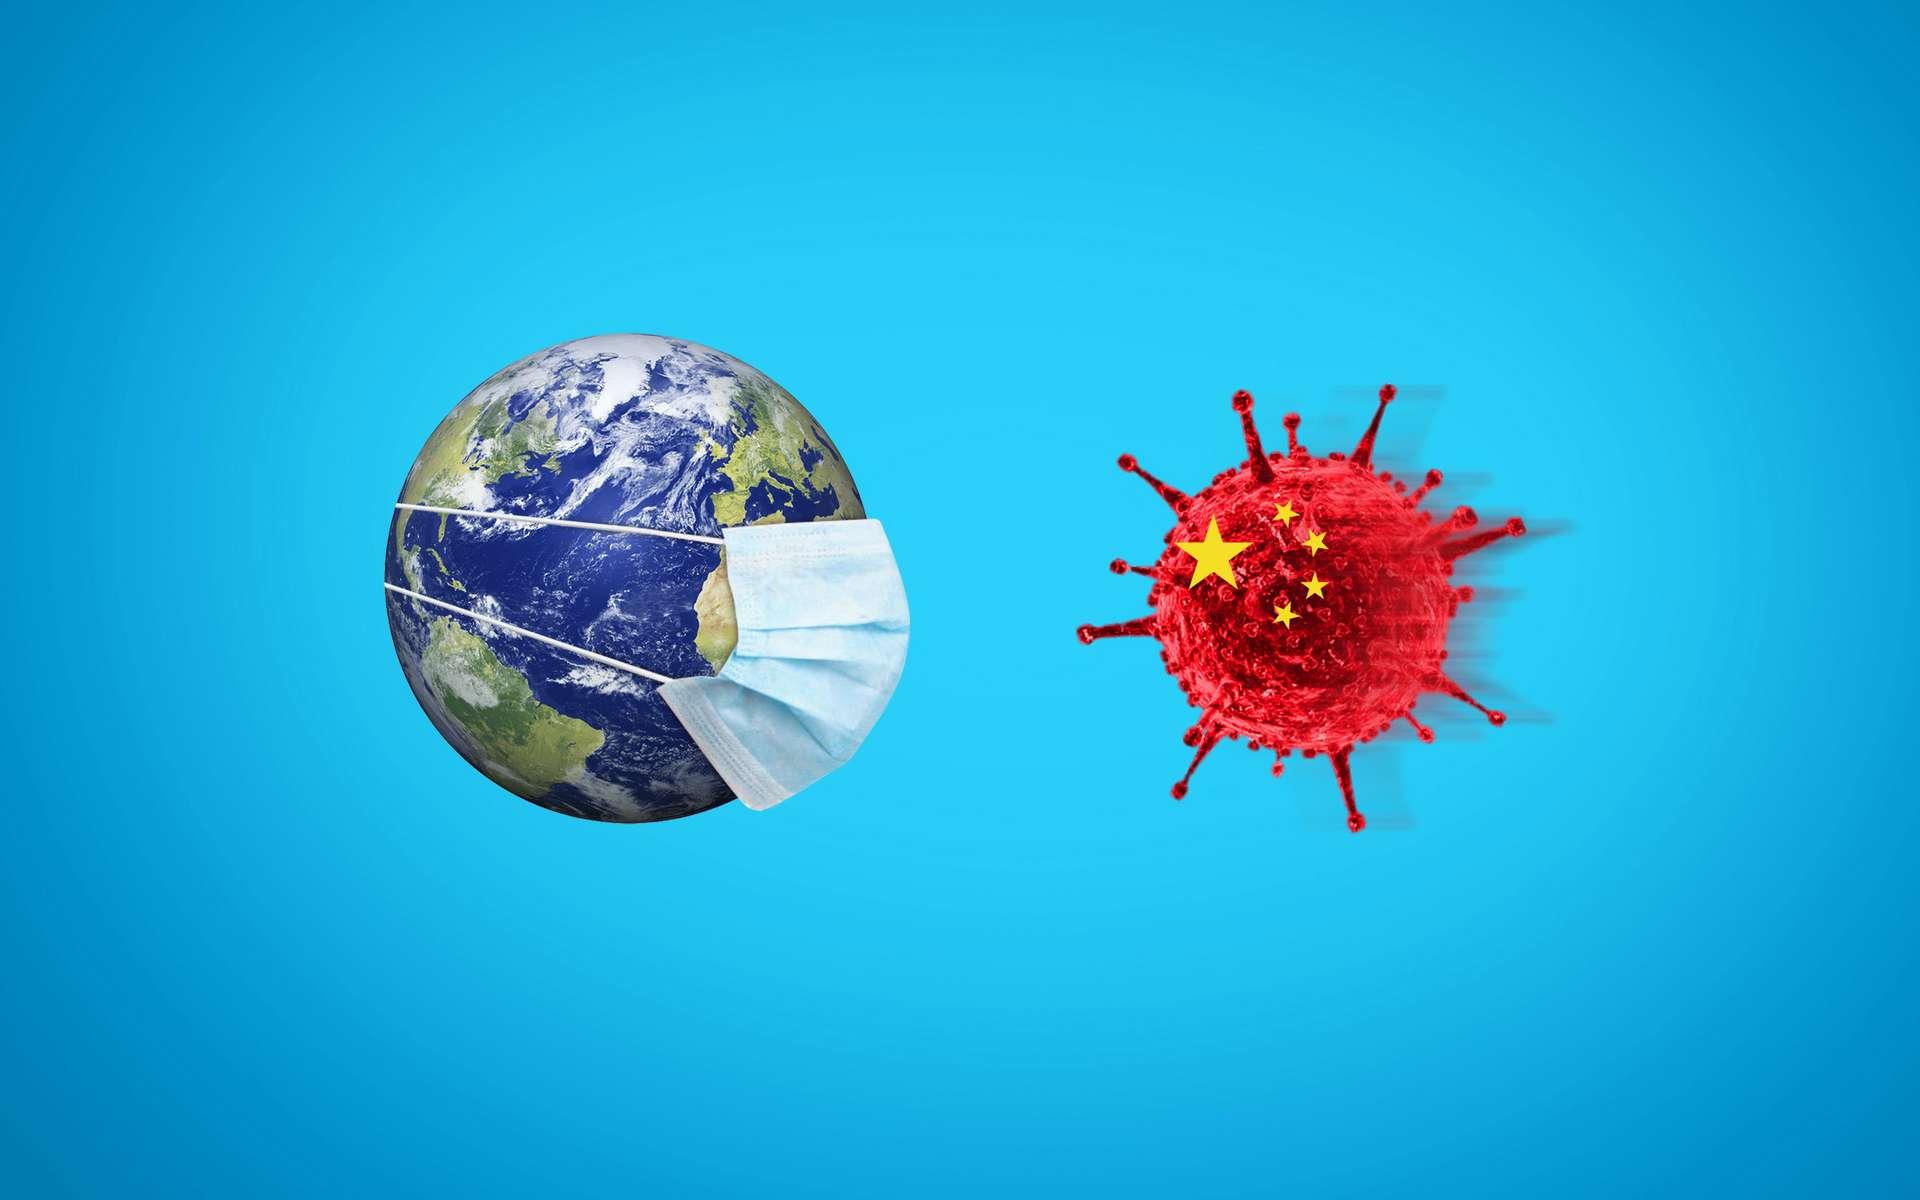 Le coronavirus a des conséquences inattendues. © DOERS, Adobe Stock